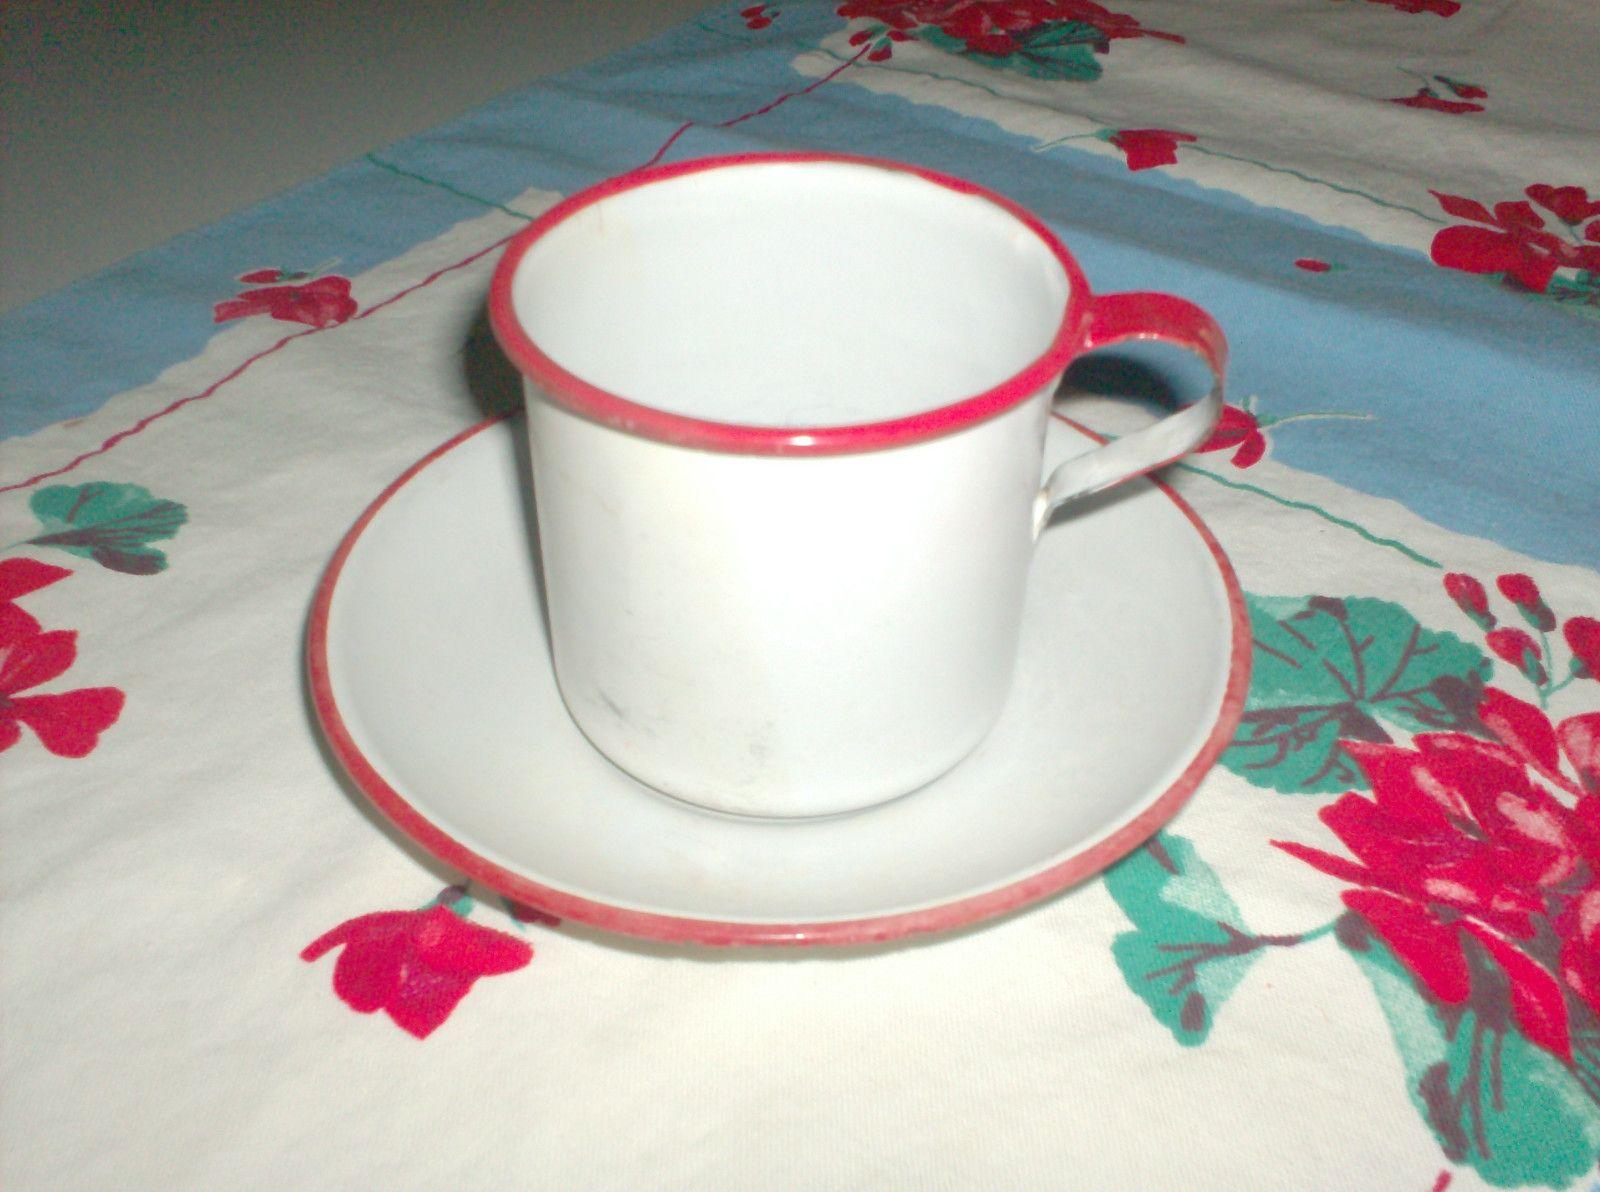 Vintage Enamelware Mug and Saucer - Red Trim |